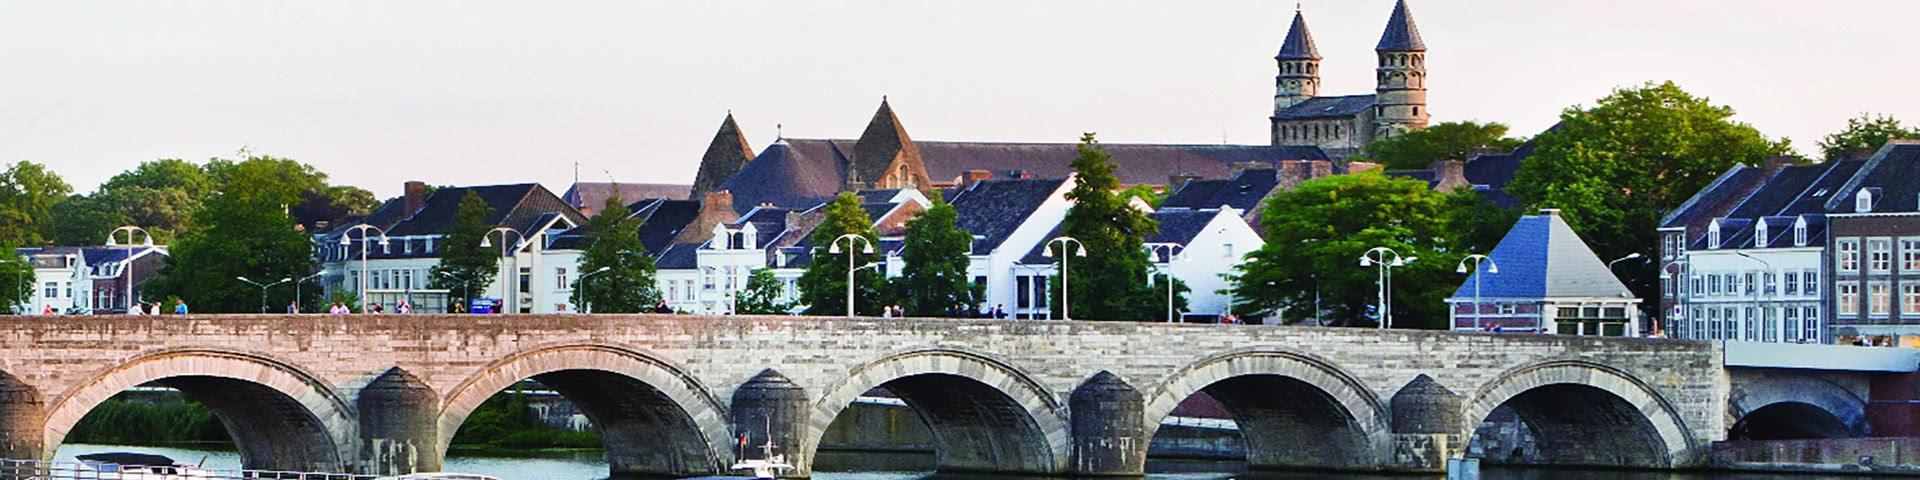 Große Brücke über die Maas in Maastricht